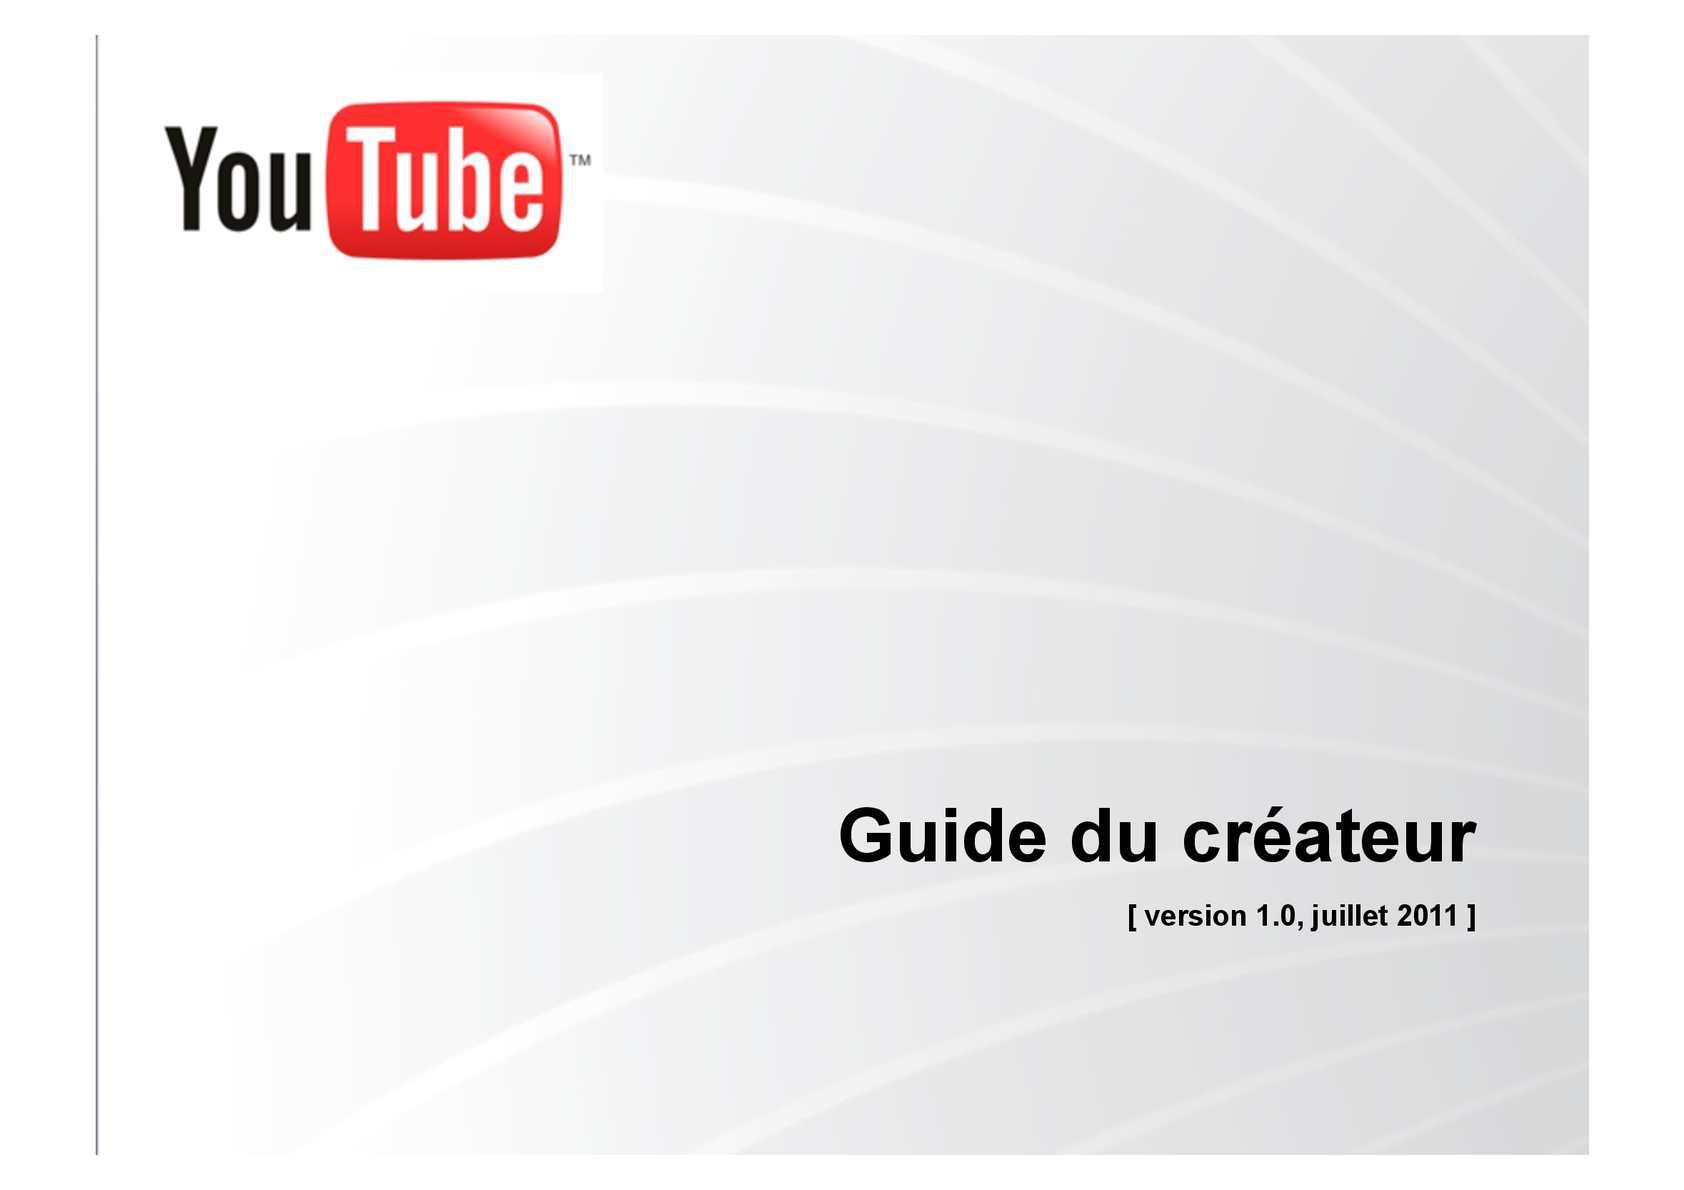 Guide du créateur de YouTube